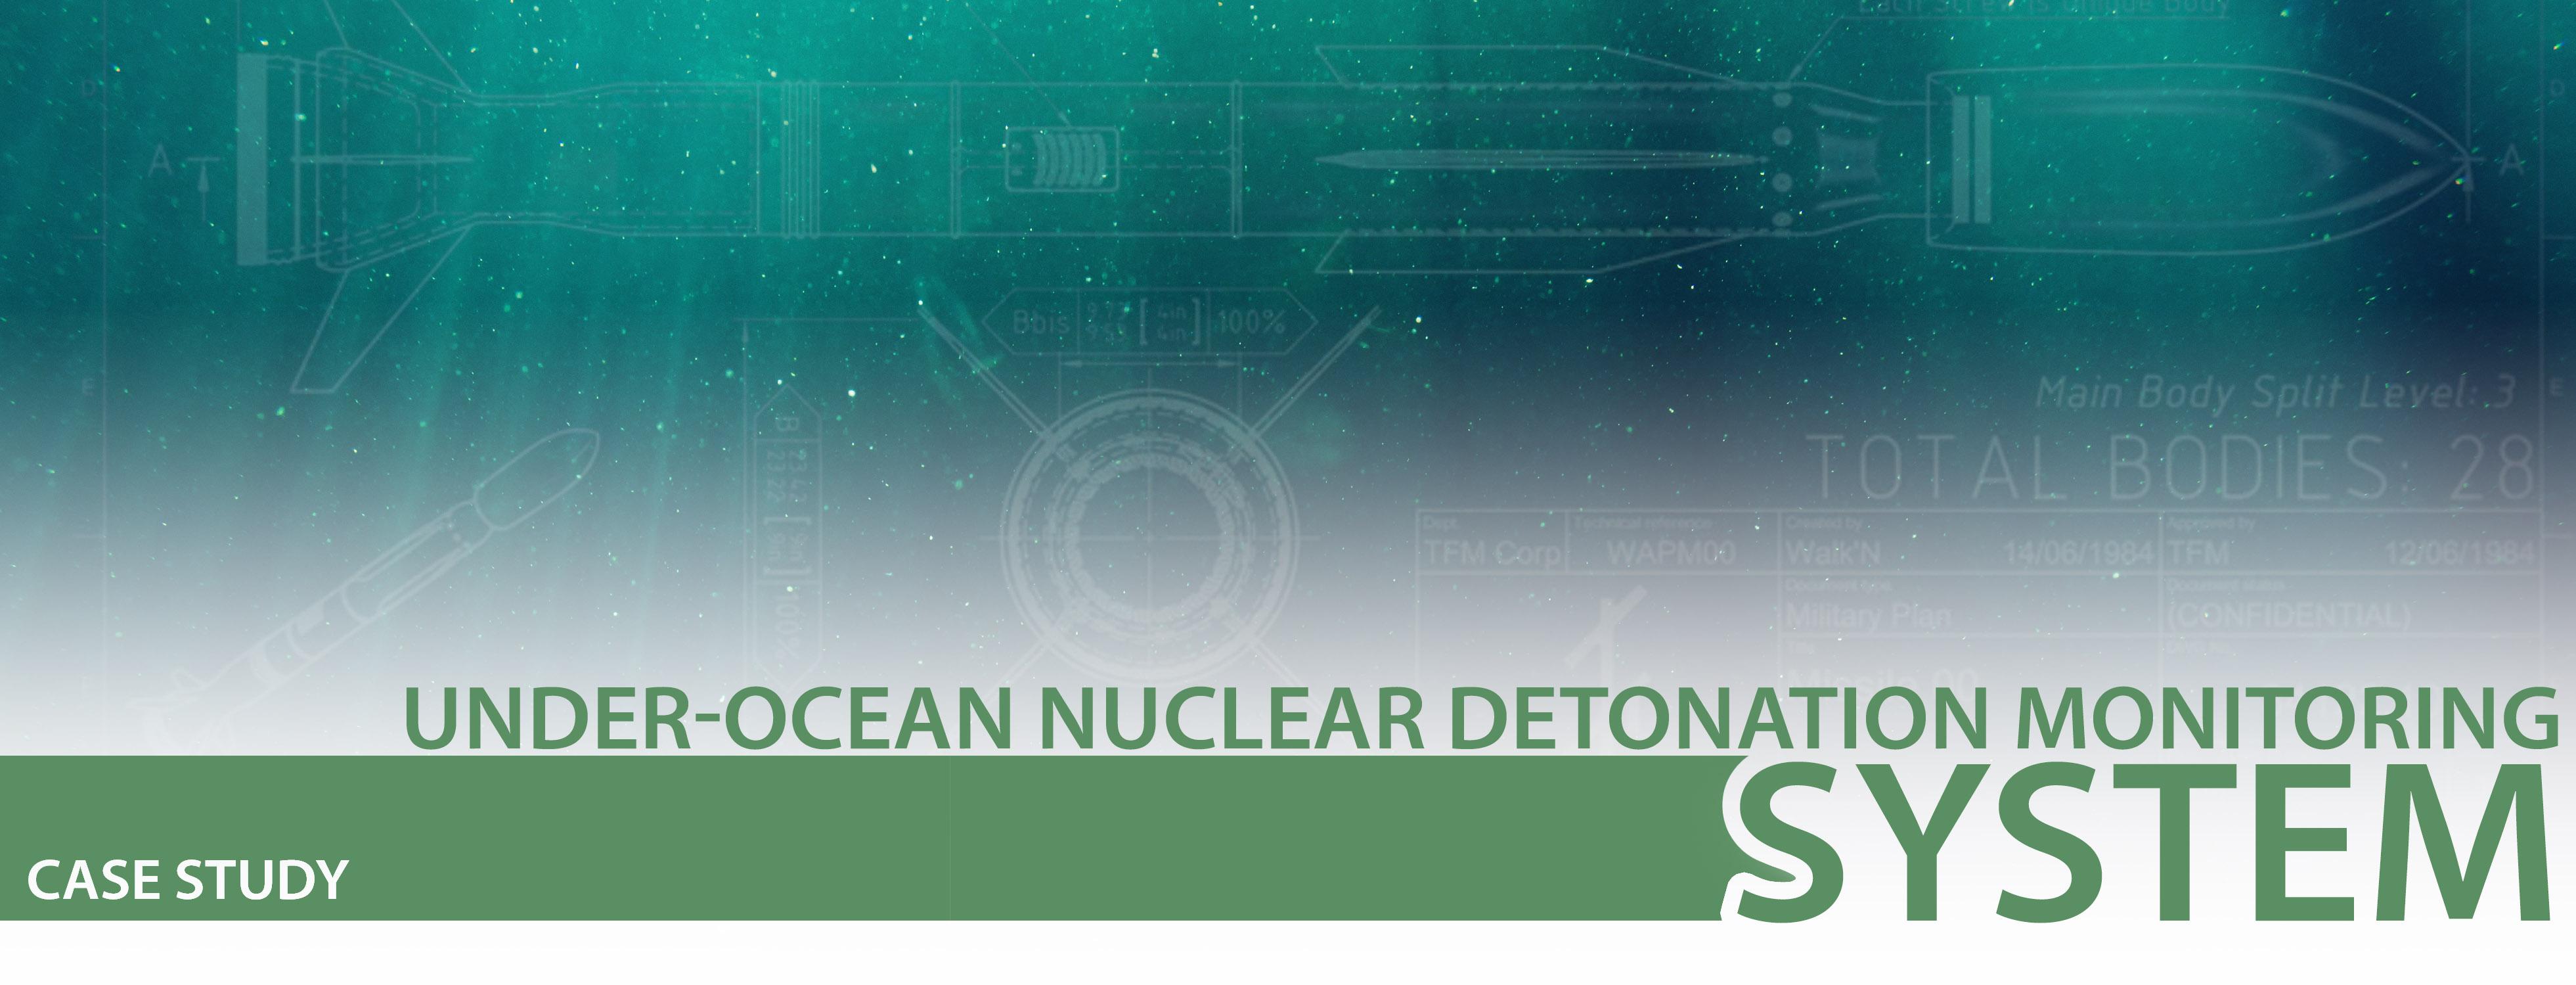 under-ocean nuclear detonation monitoring system